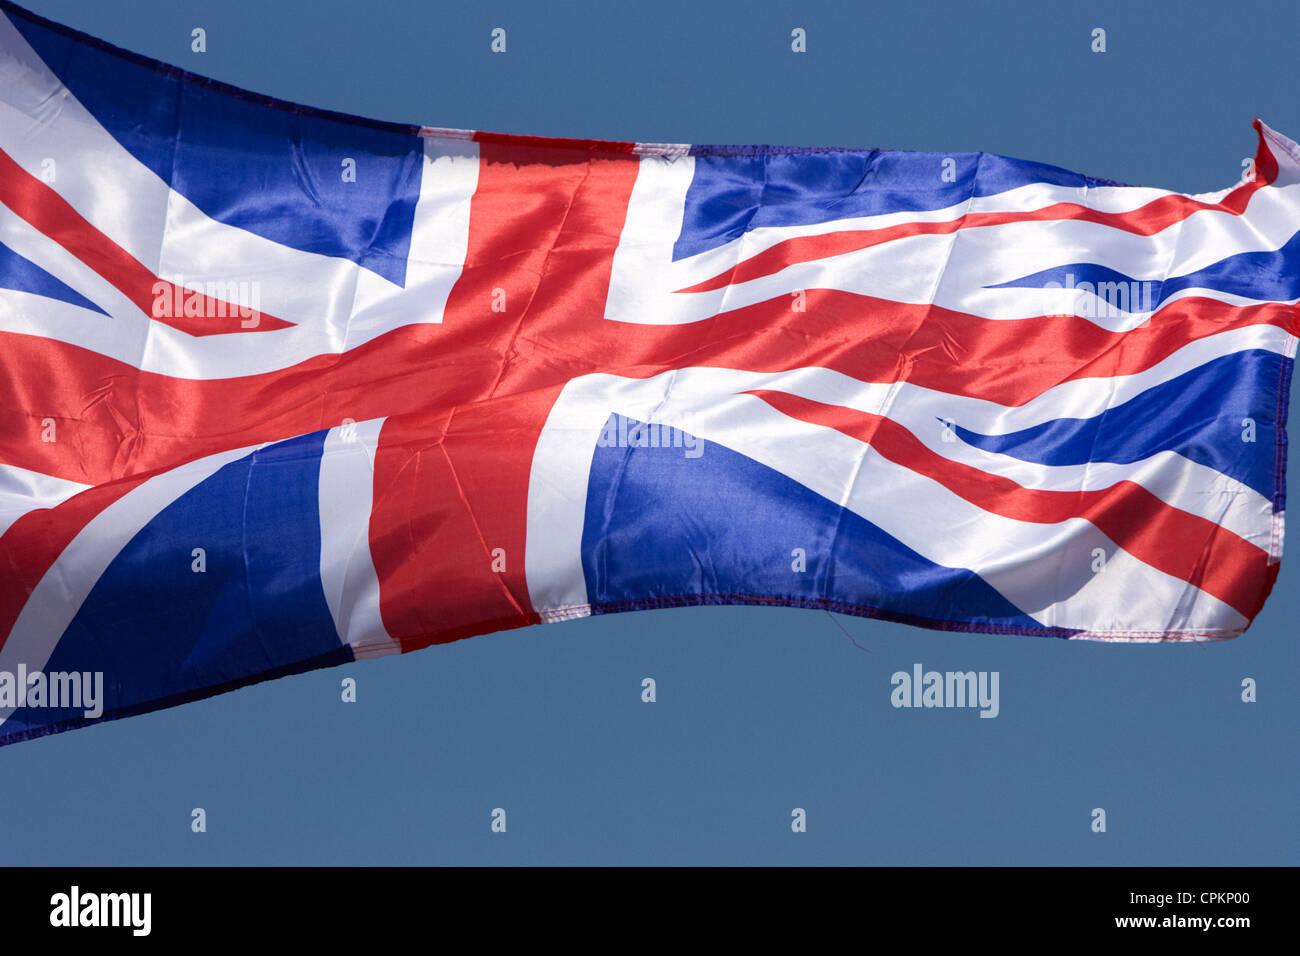 L'Union européenne pavillon du Royaume-Uni que l'on appelle parfois l'Union jack Photo Stock